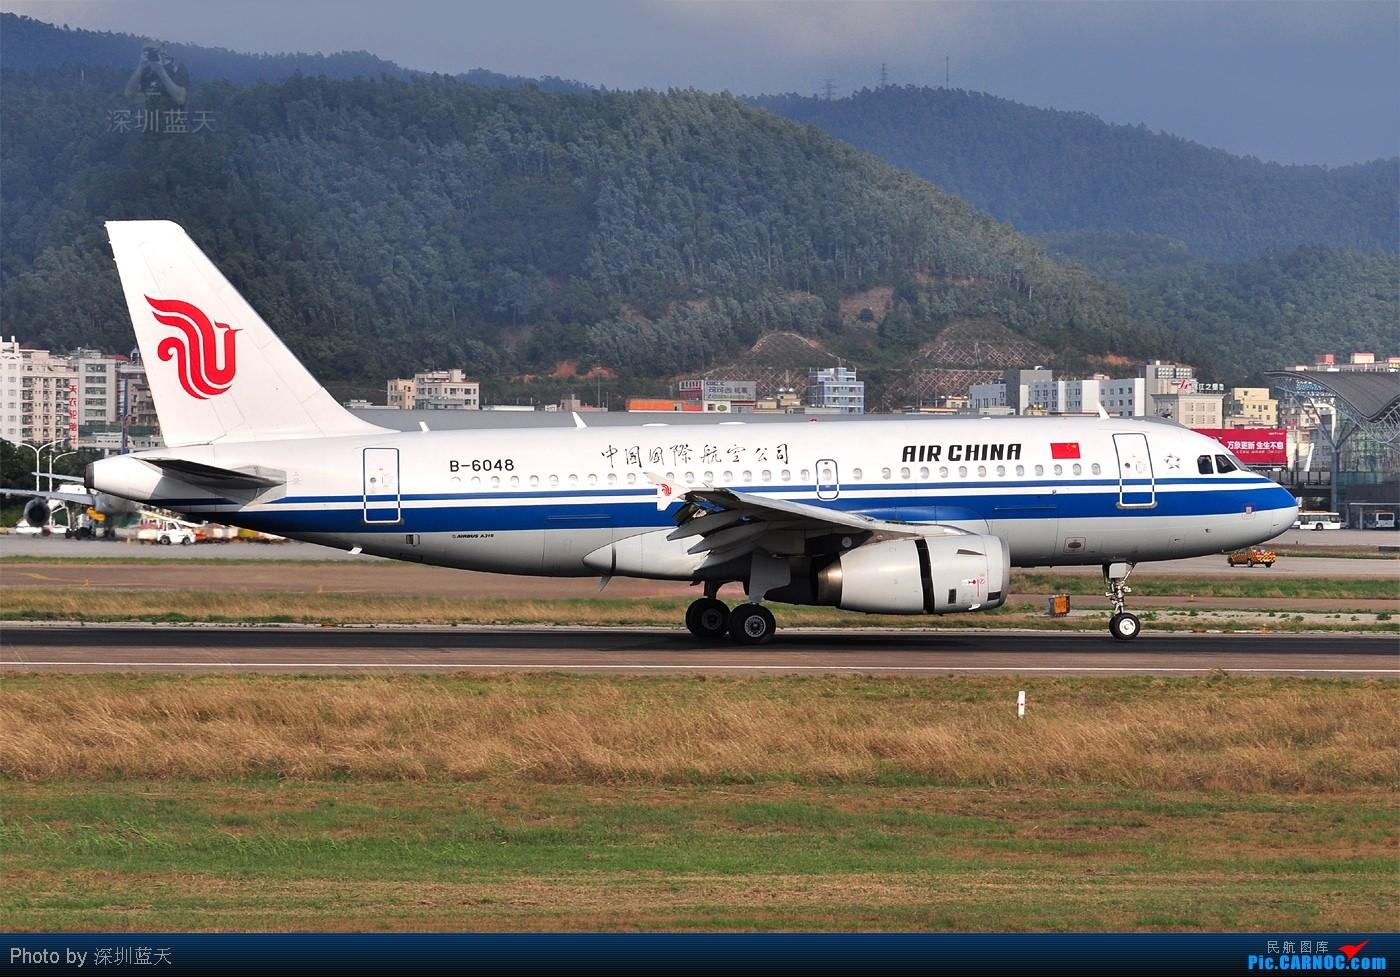 Re:[原创]【深圳飞友会】国航篇!在深圳,两架国航747同时出现在一张图里机会算是罕见的!还有黄牡丹和蓝牡丹一起祝大家新年快乐! AIRBUS A319-100 B-6048 中国深圳宝安机场